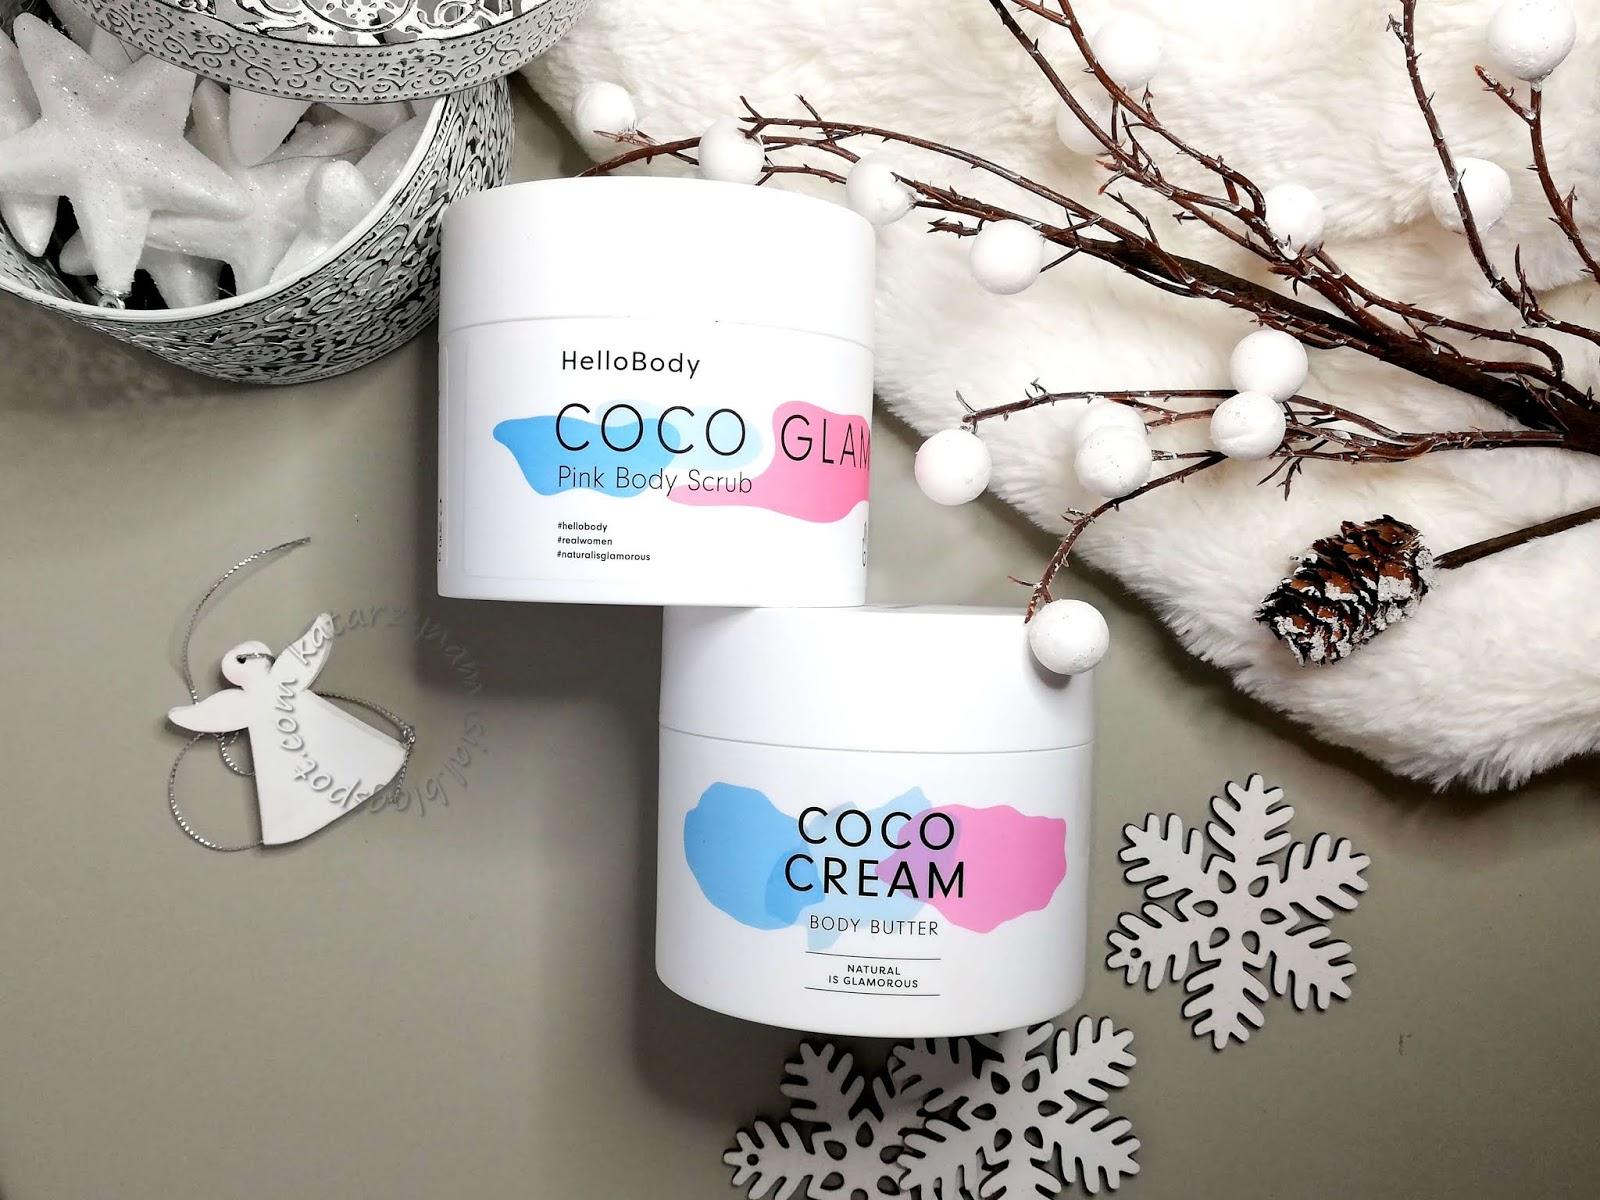 Pielęgnacja ciała z HelloBody: peeling do ciała Coco Glam oraz masło Coco Cream